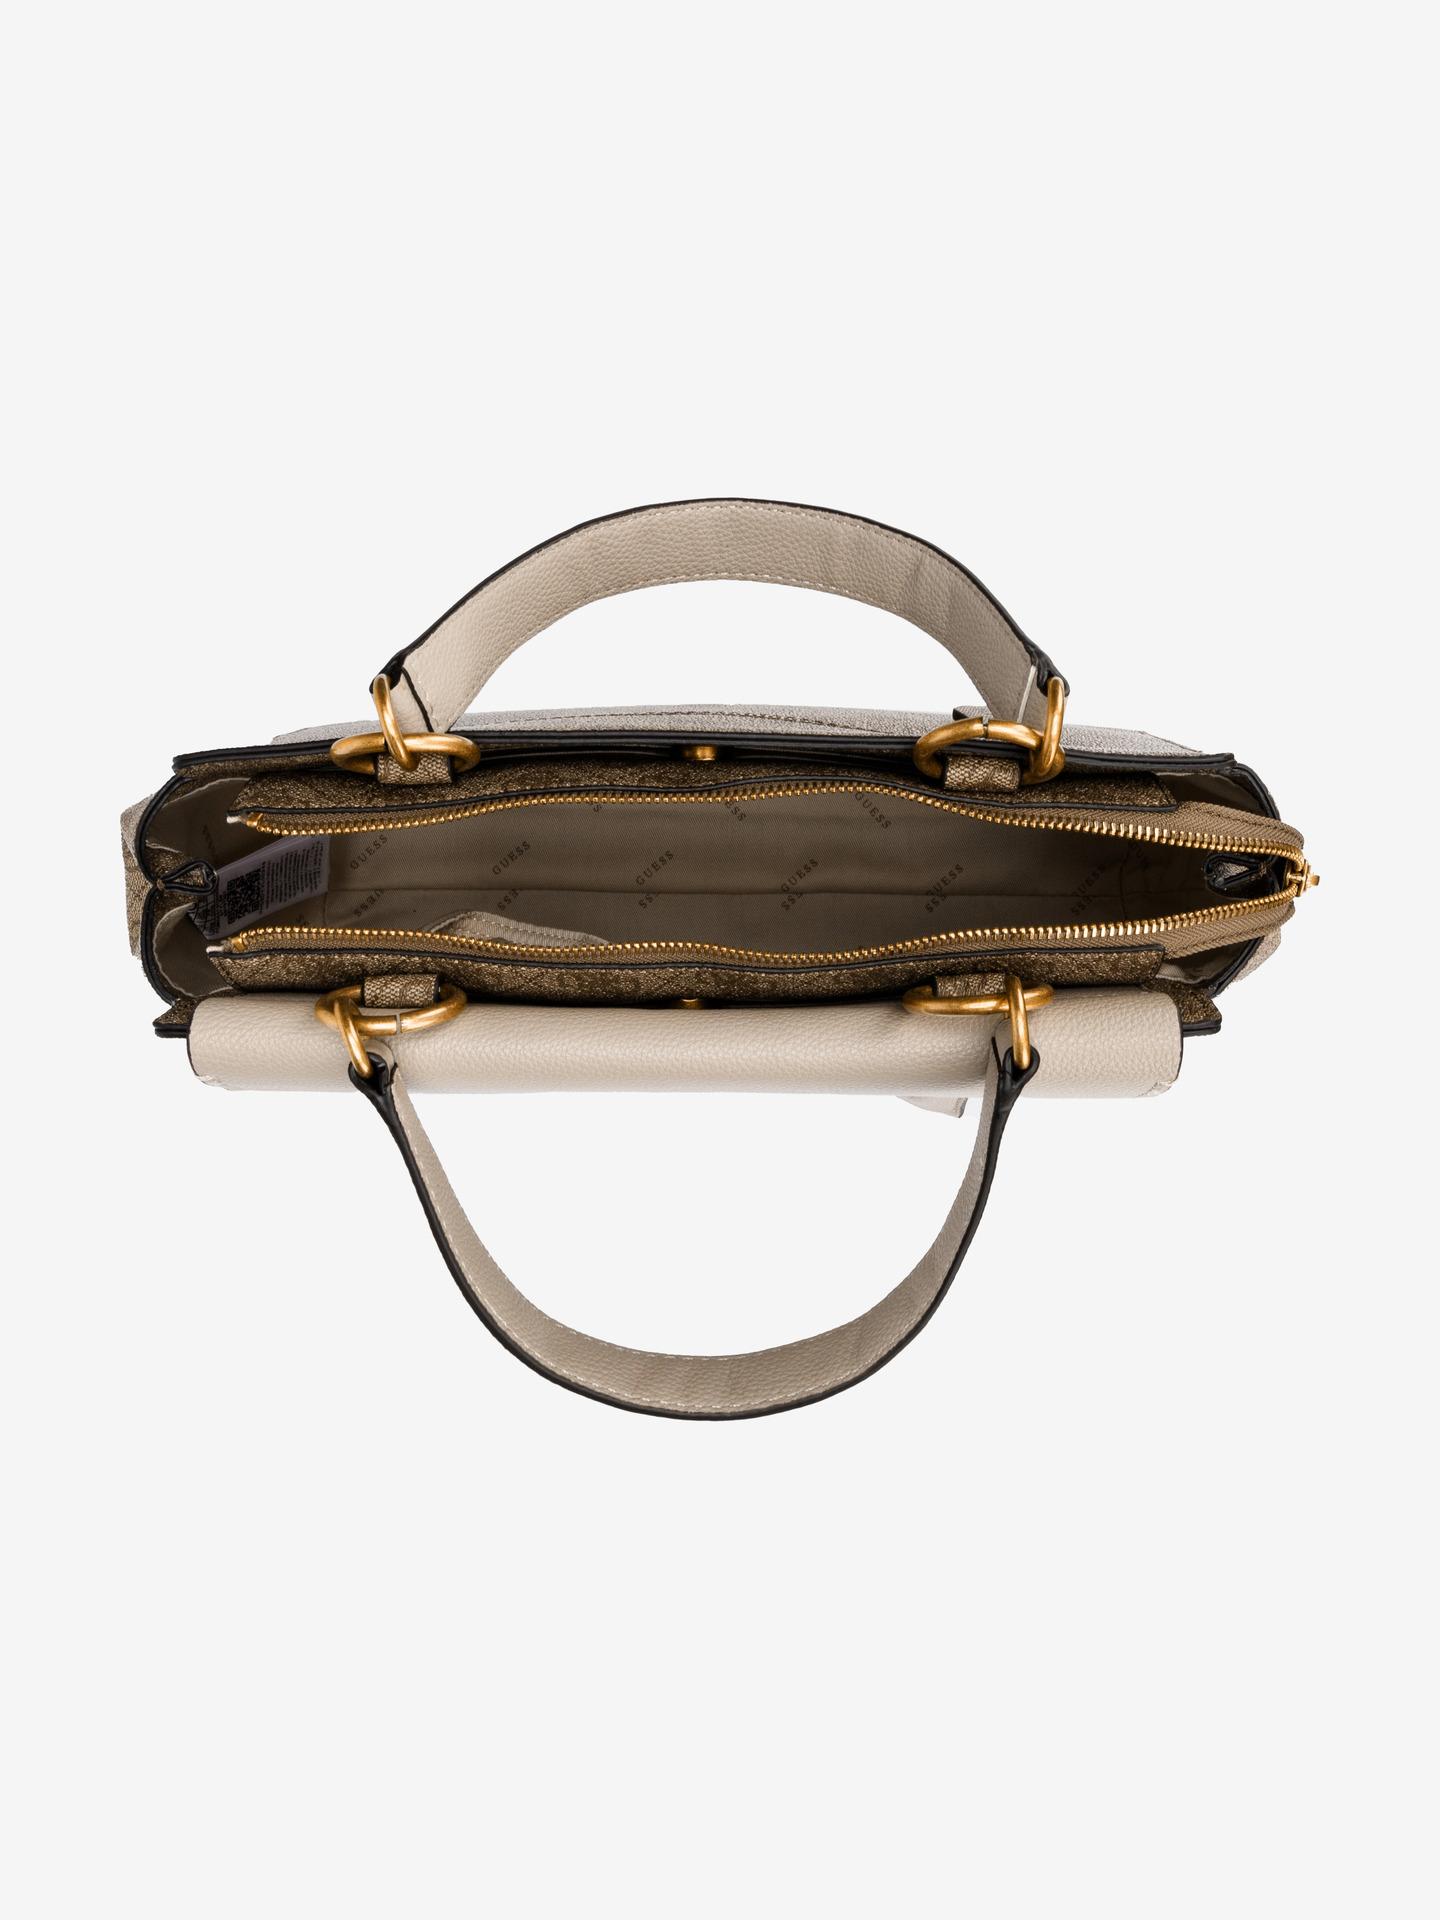 Guess brown handbag Valy Large